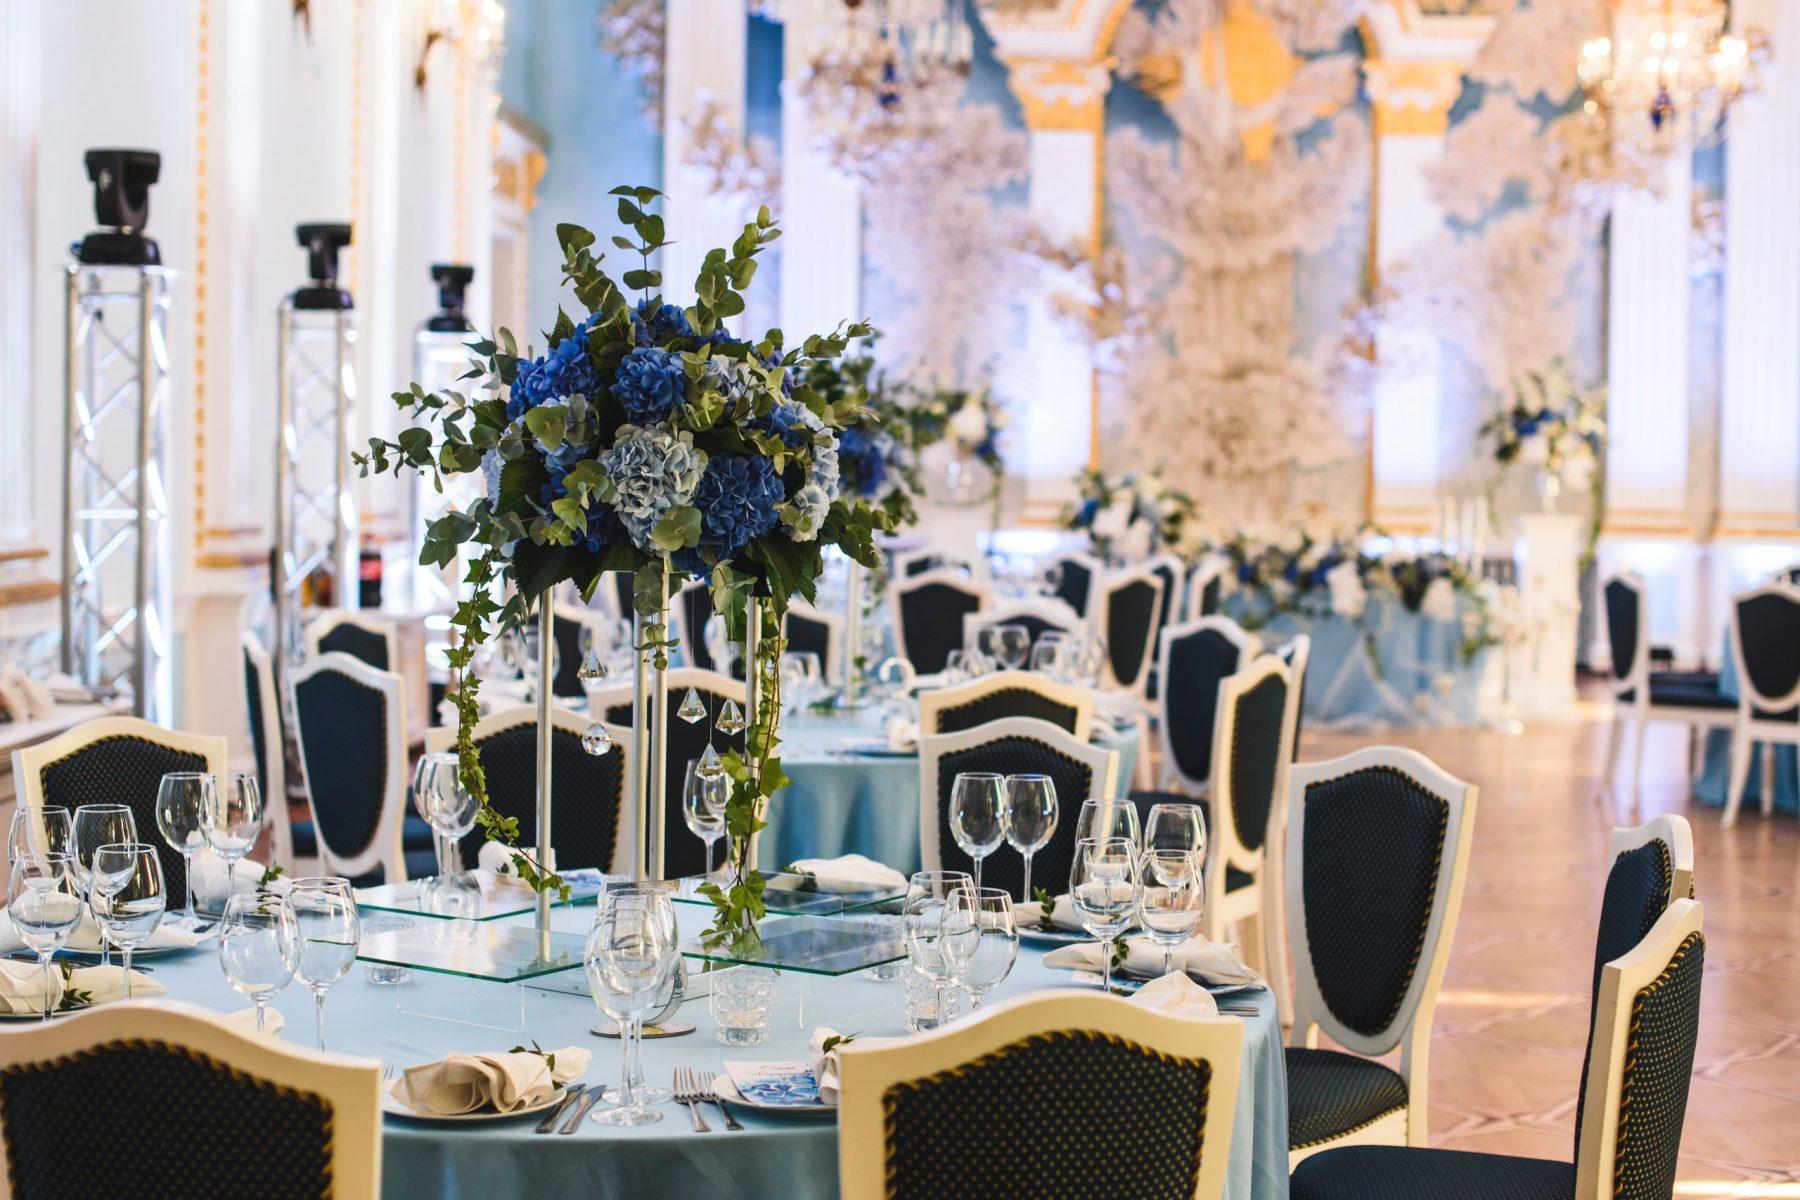 Флористические композиции на столах гостей